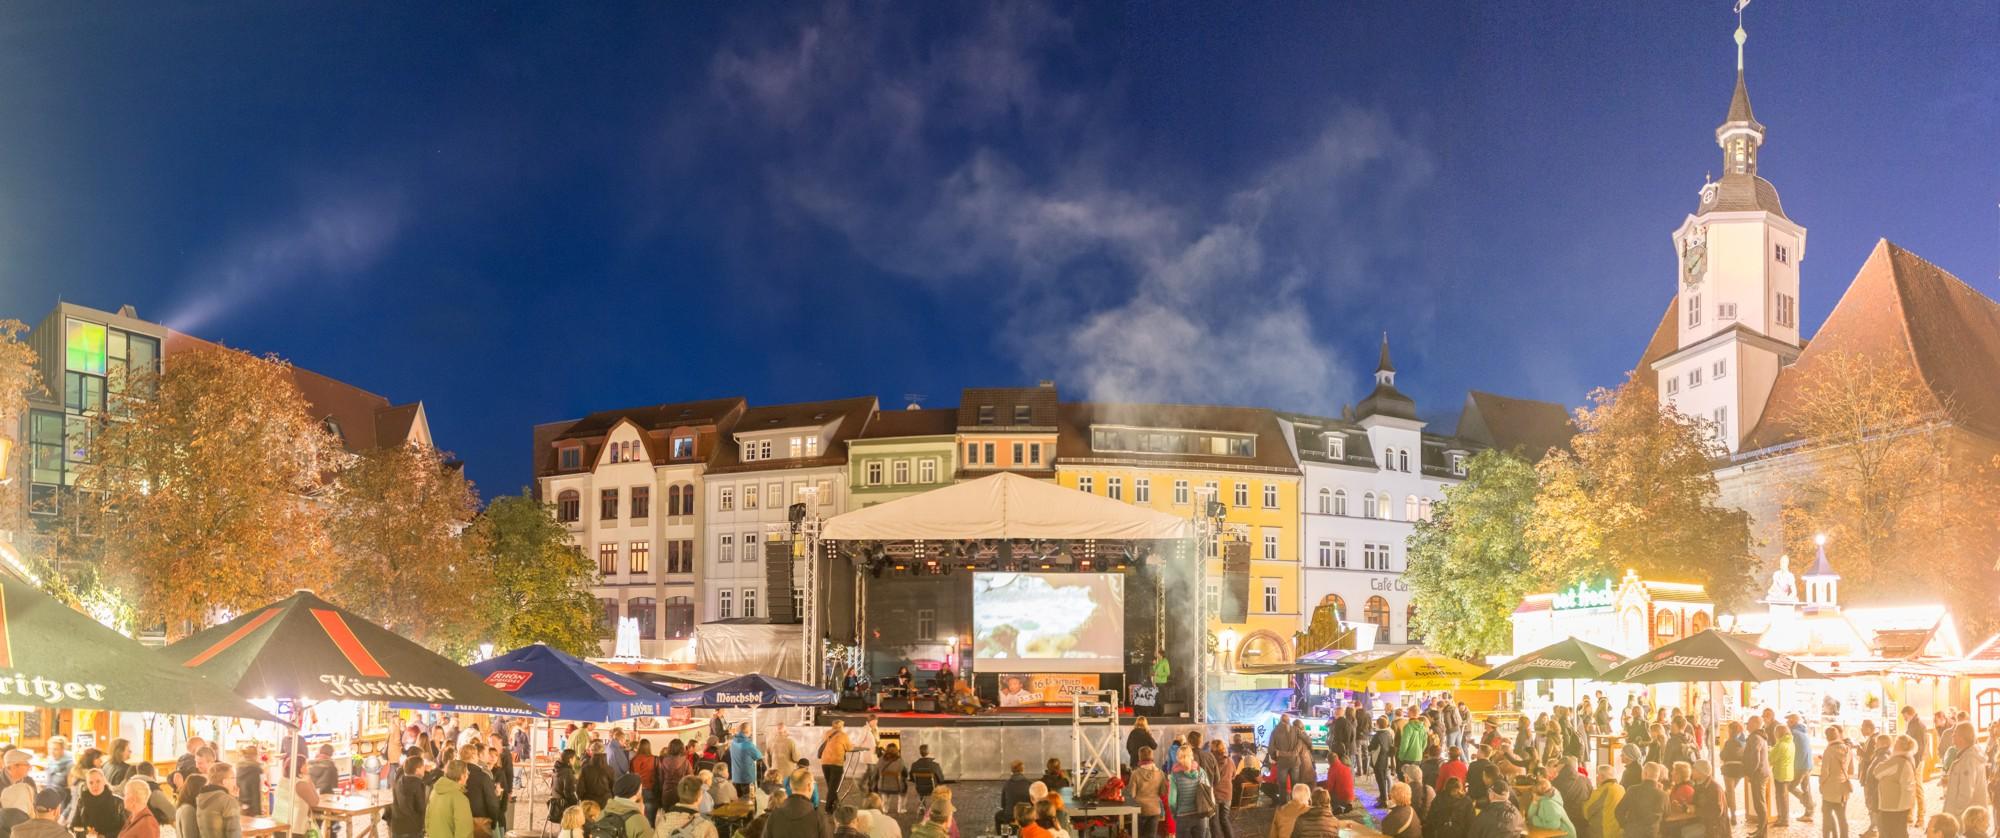 Altstadtfest2017-09-18_Pano